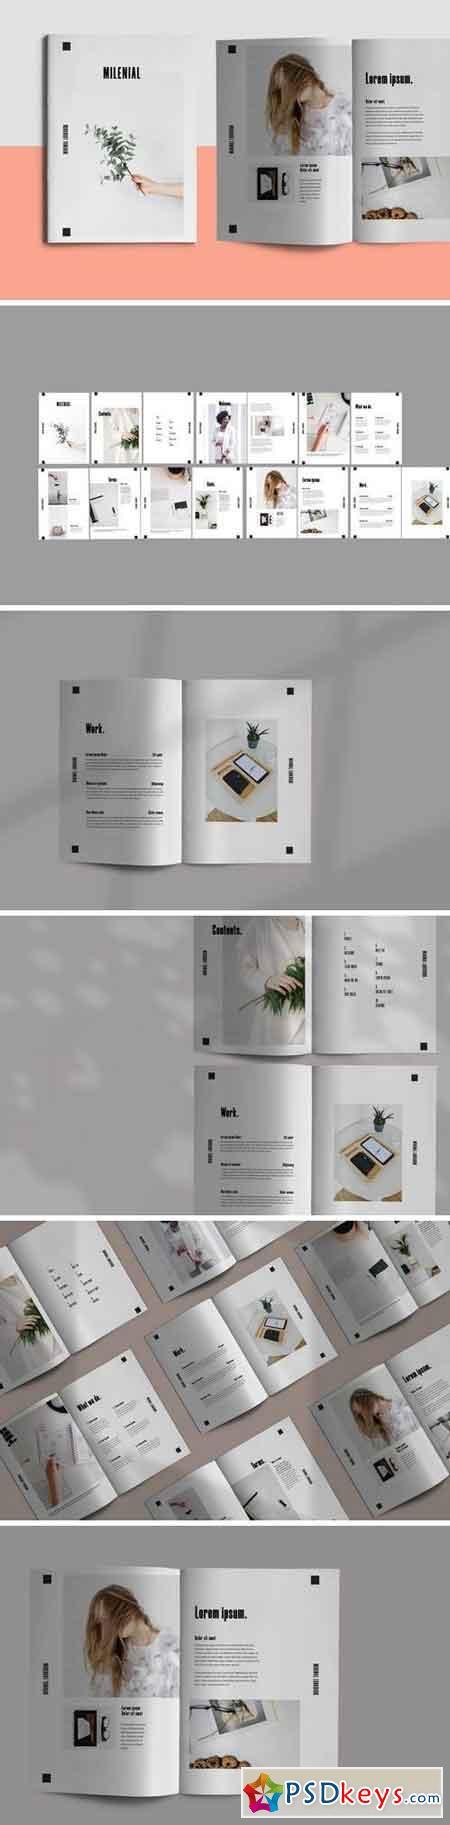 Millenial - Brochure Template